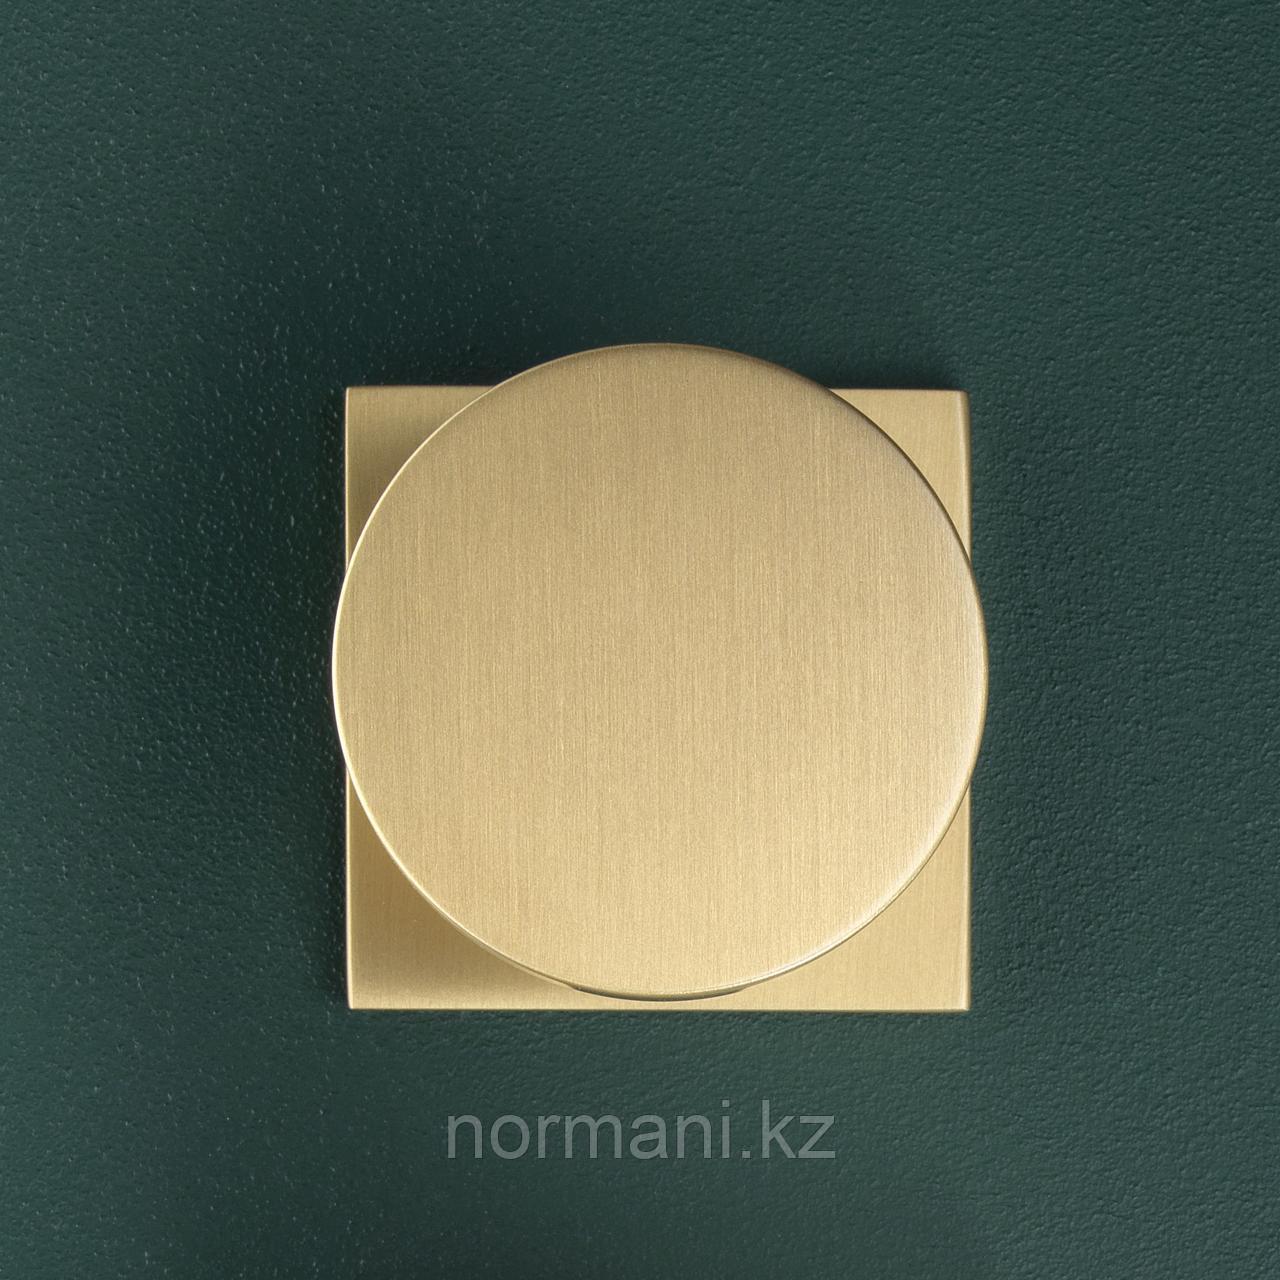 Ручка кнопка диаметр 34 мм, отделка золото матовое